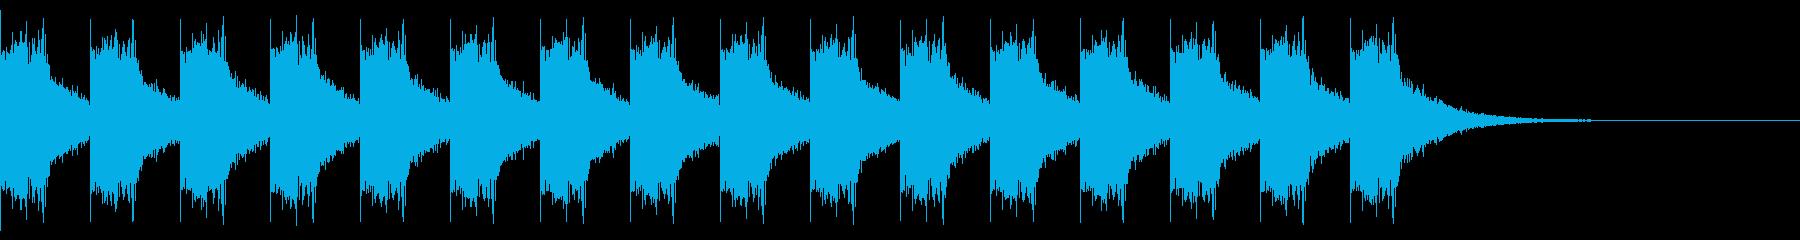 アラートサイレン(リバーブ有り)の再生済みの波形